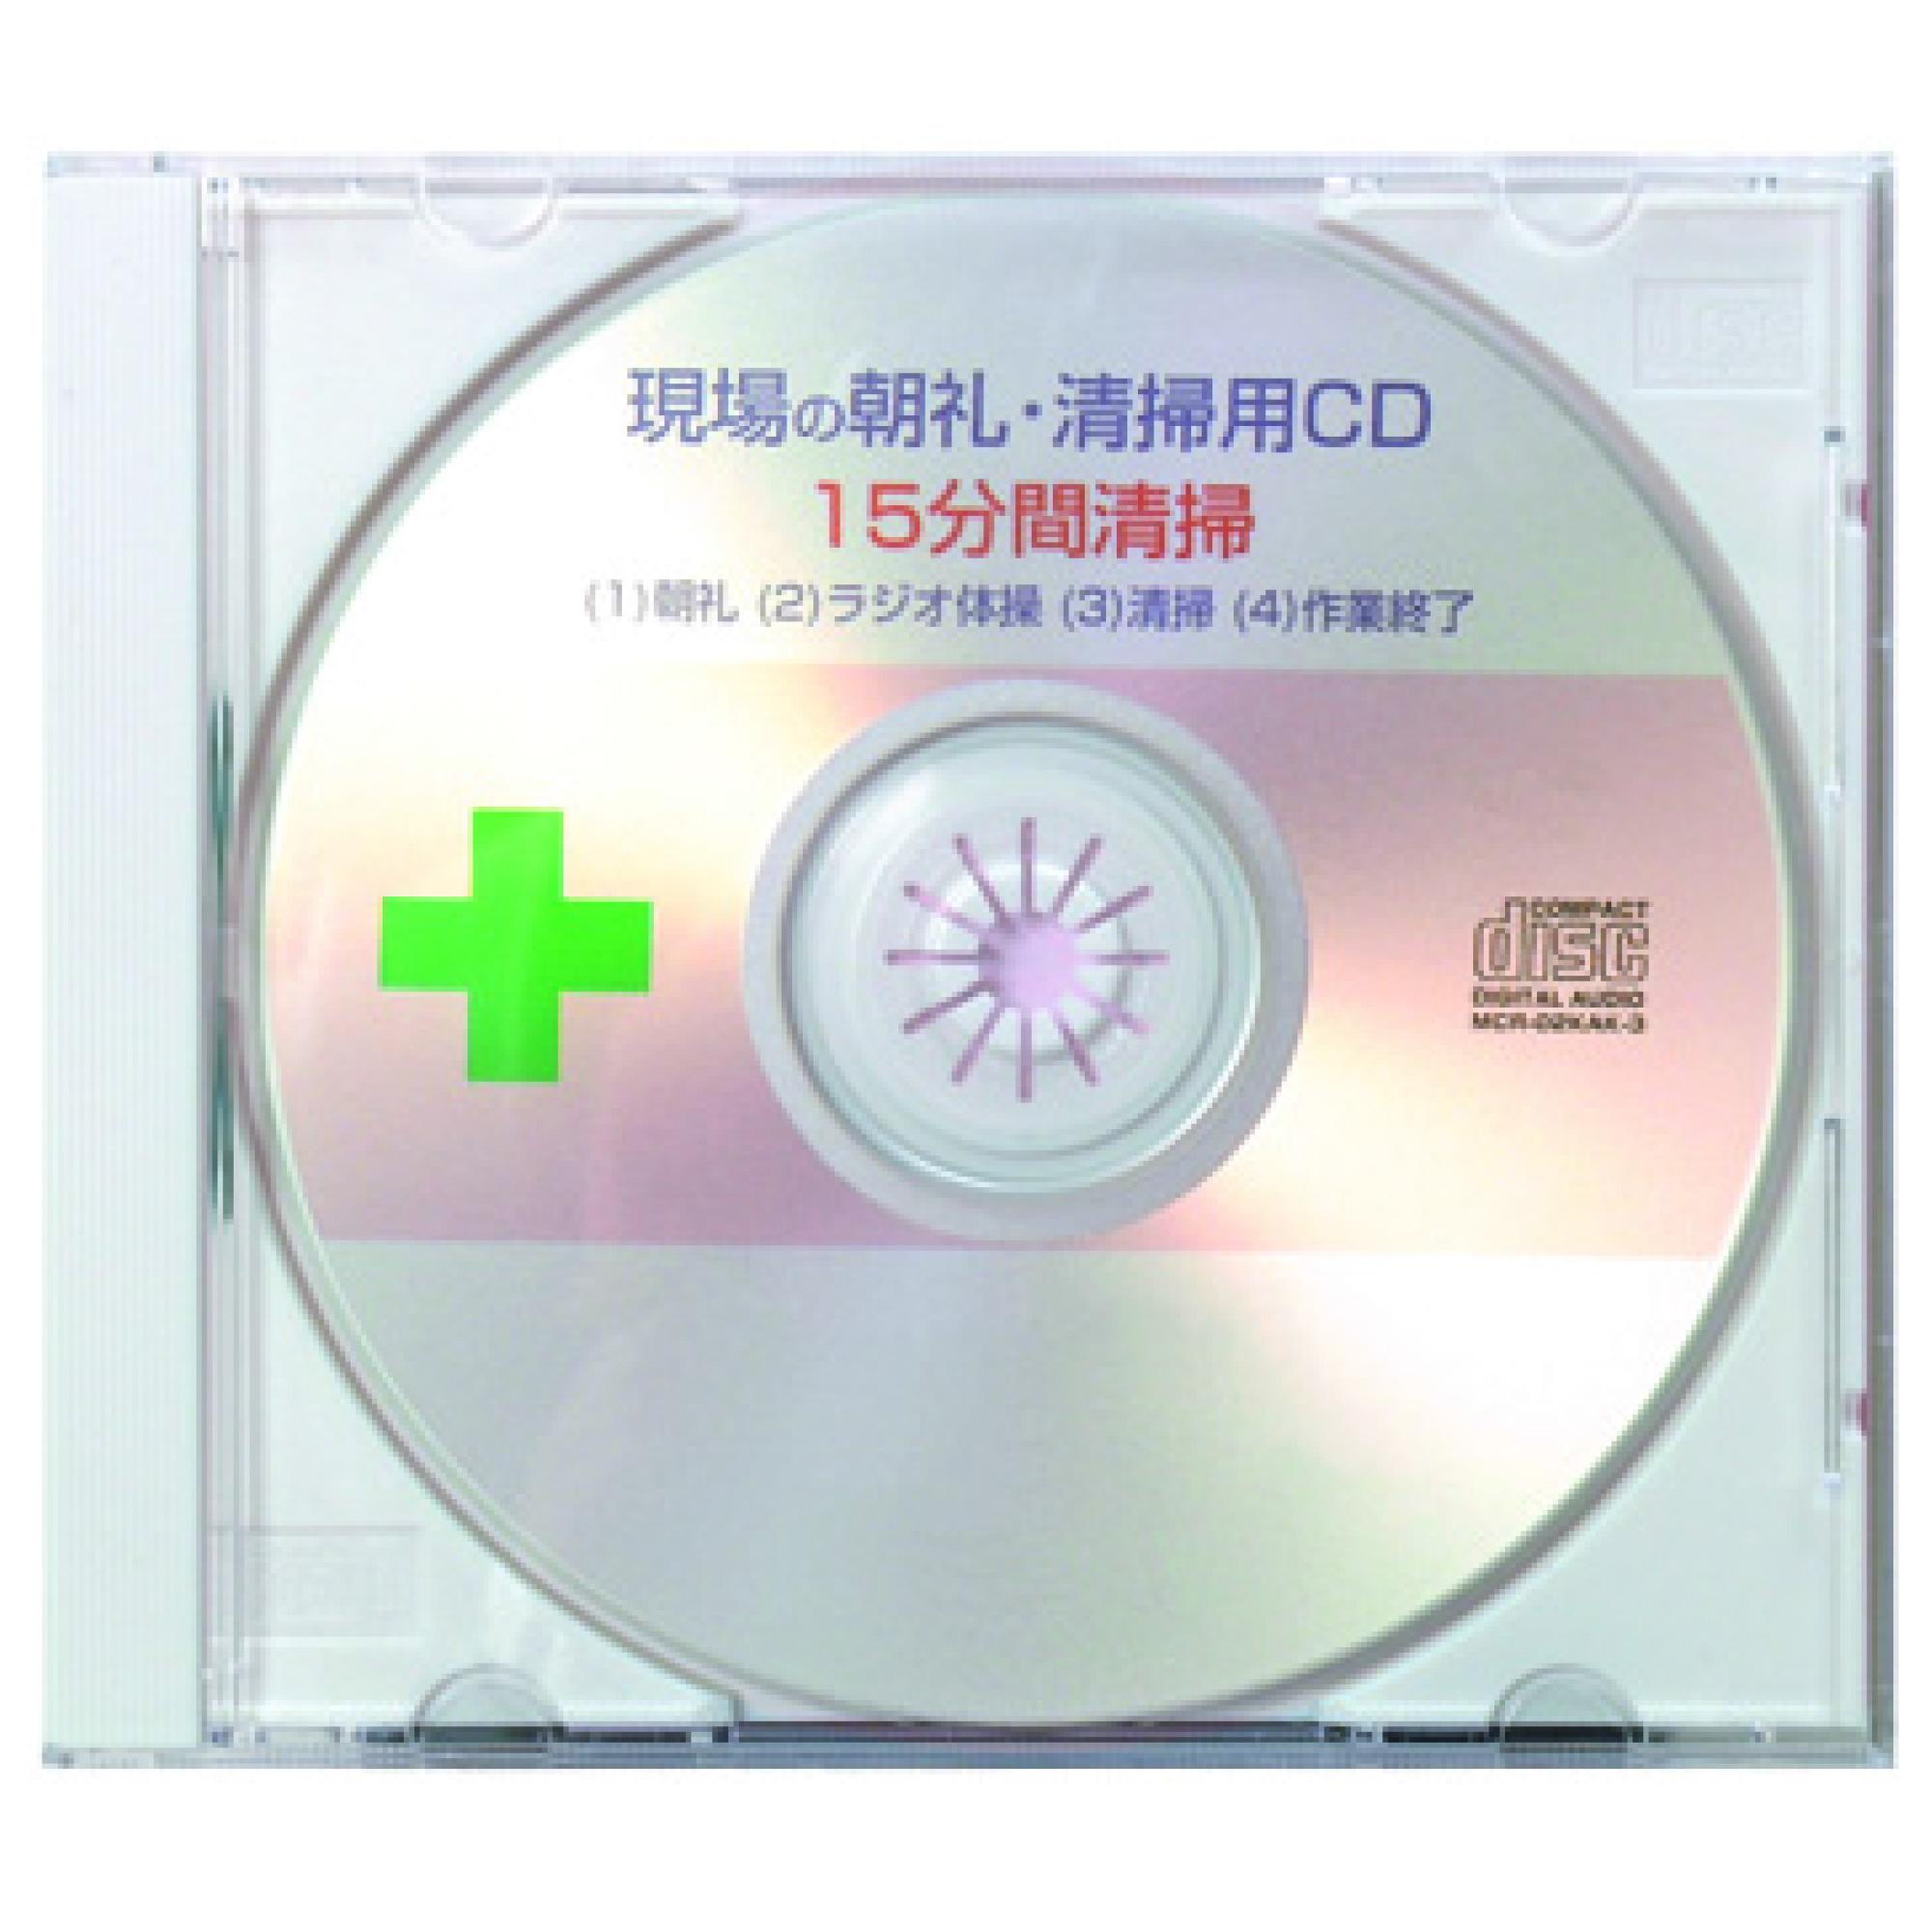 ラジオ体操CD 清掃30分